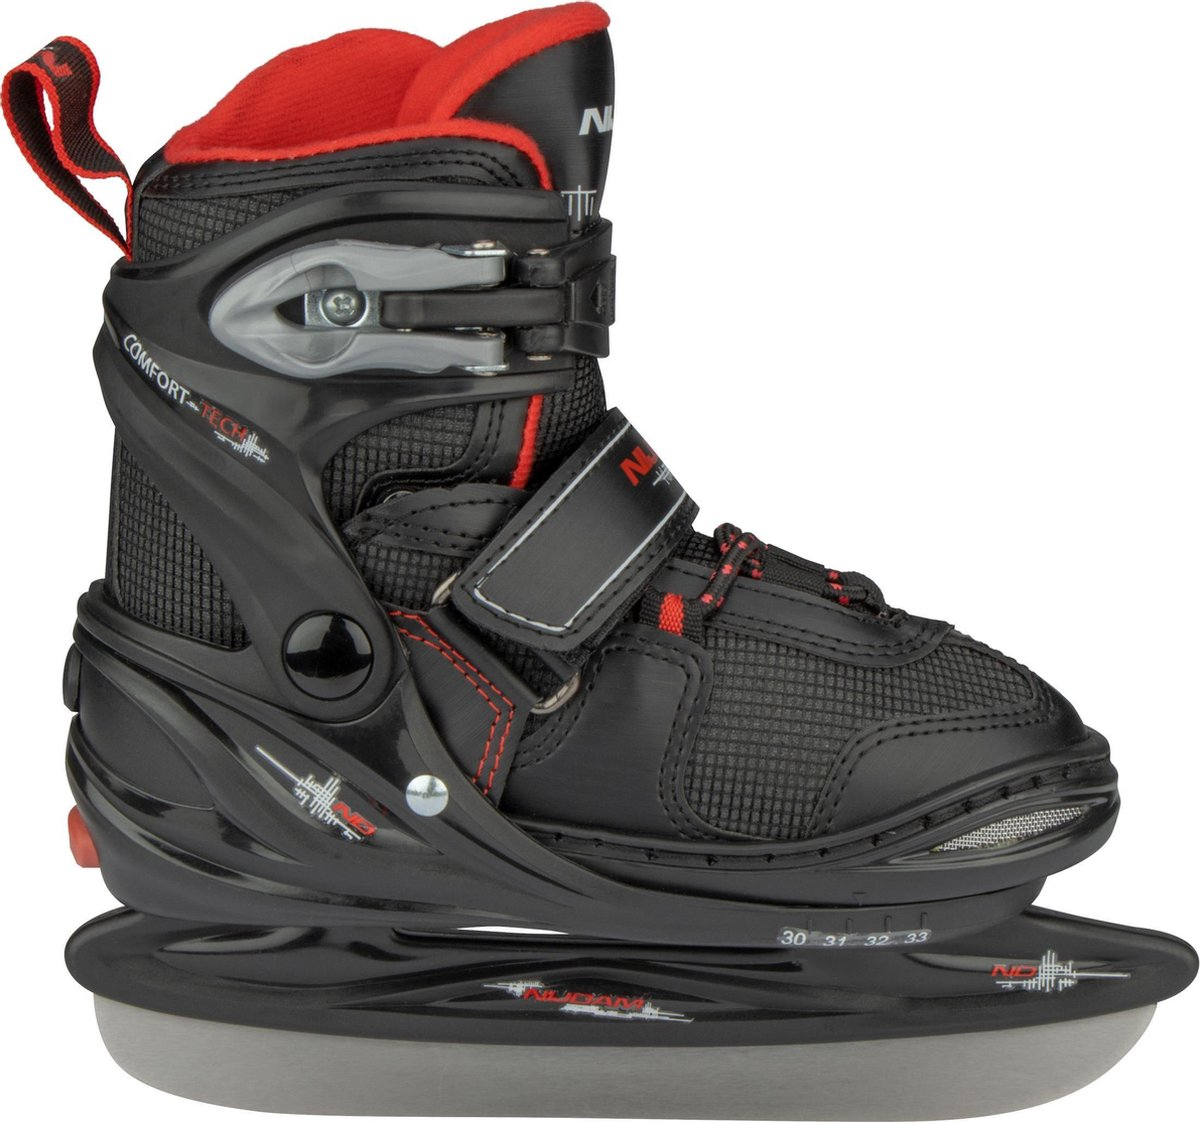 Nijdam IJshockeyschaats Junior Verstelbaar - Semi-Softboot - Zwart/Antraciet/Rood - 38-41